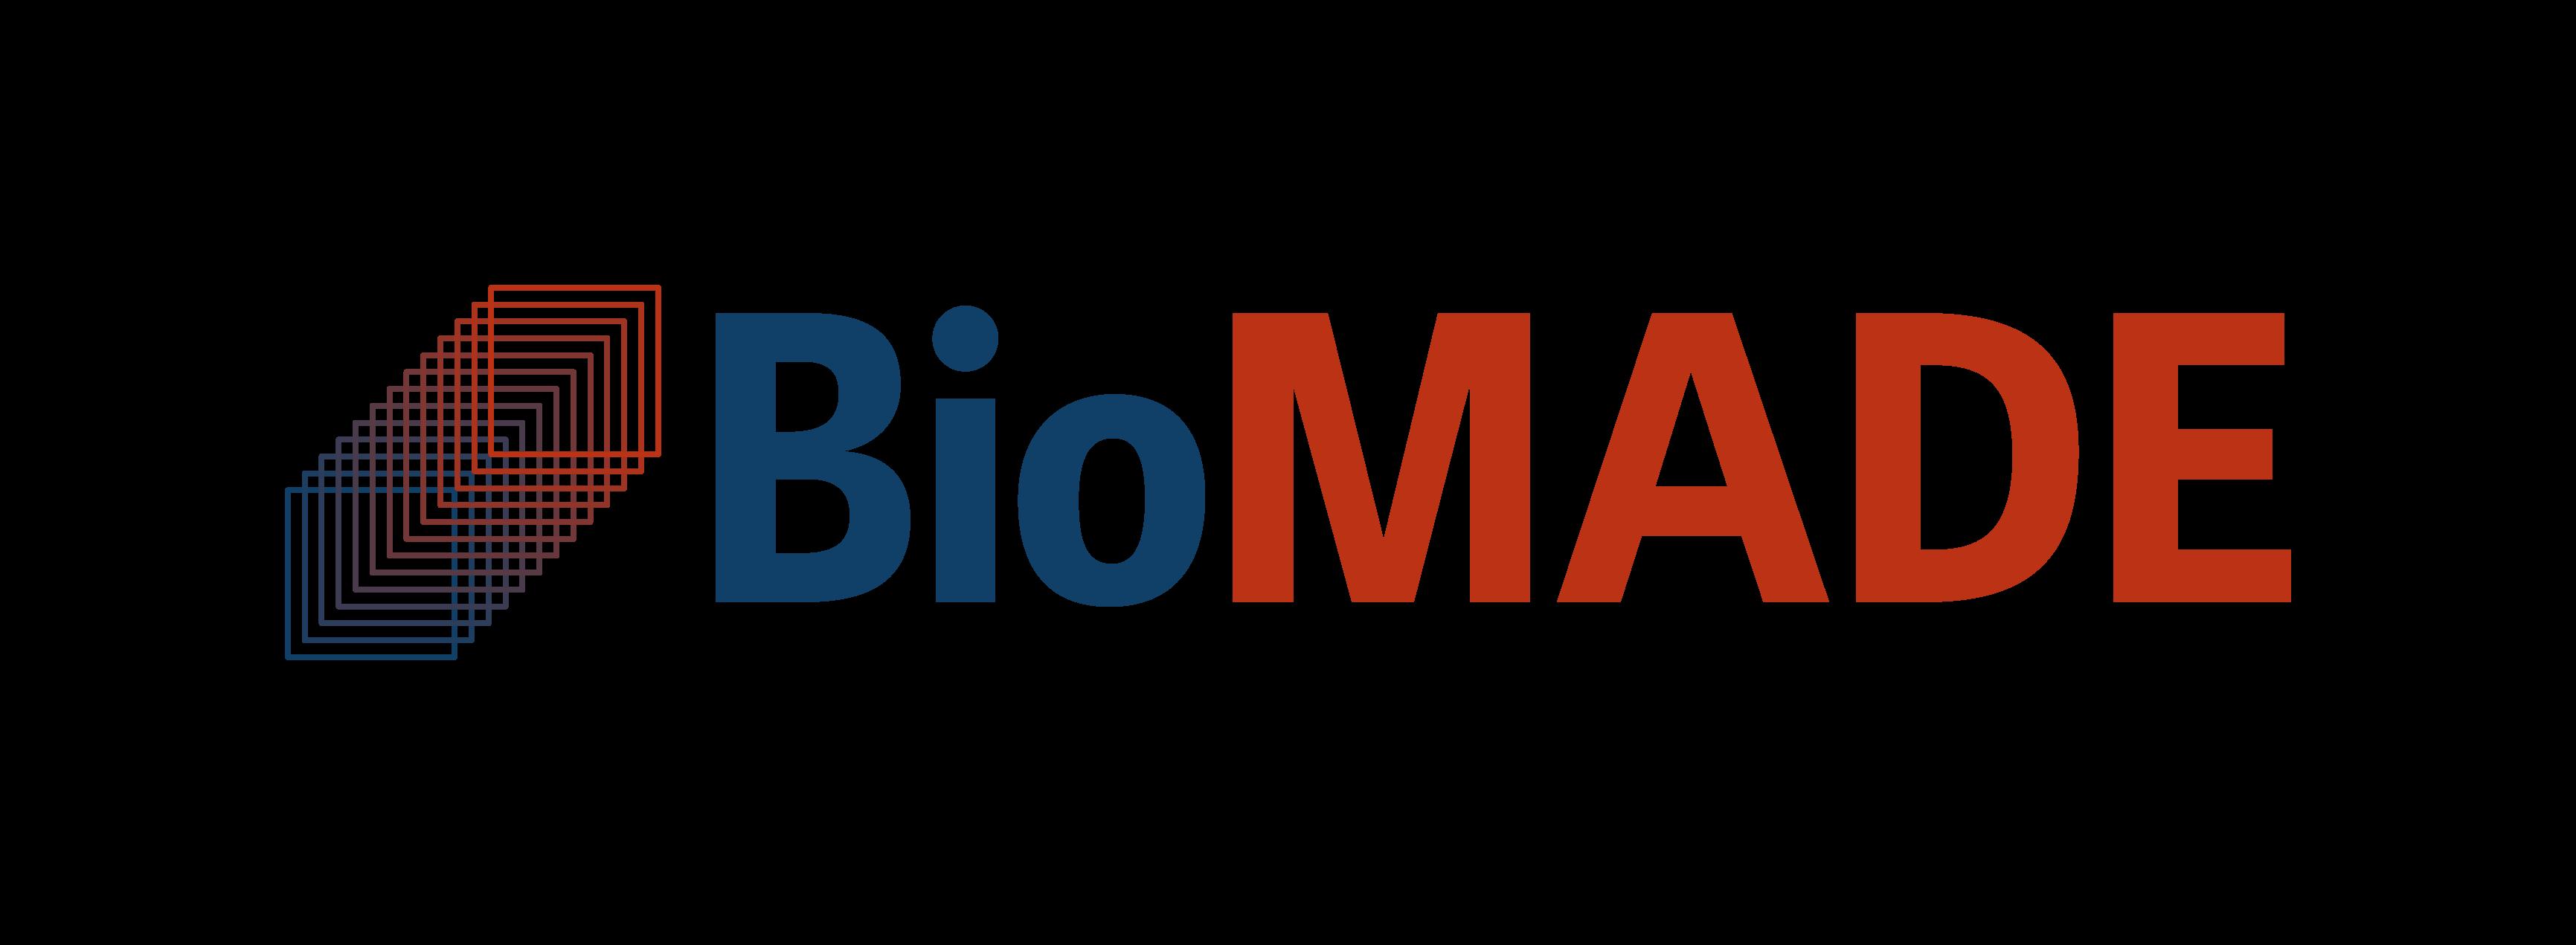 BIOMADE logo